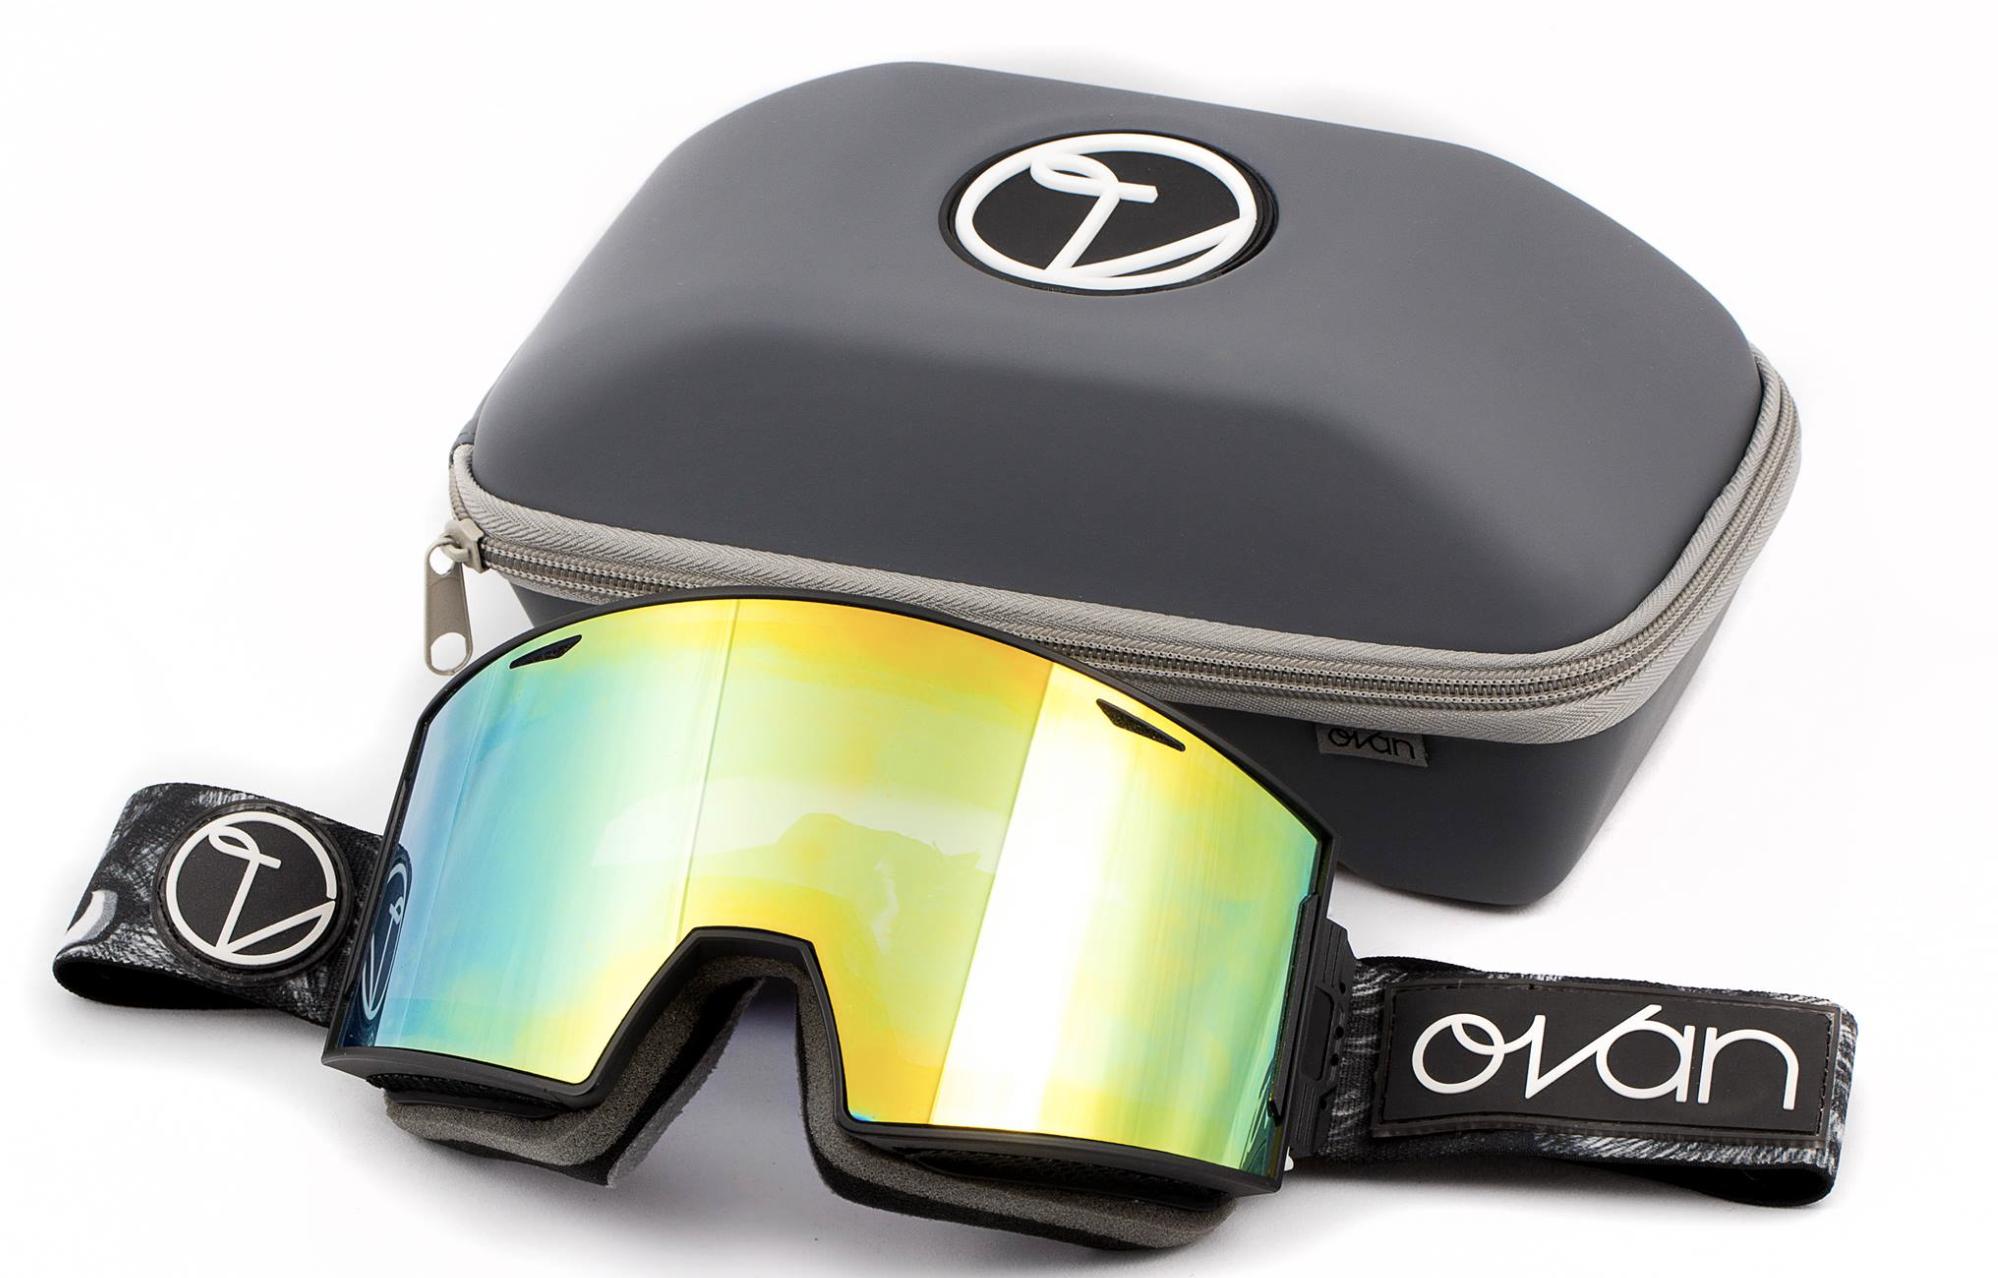 Ovan Ski and snowboard goggles